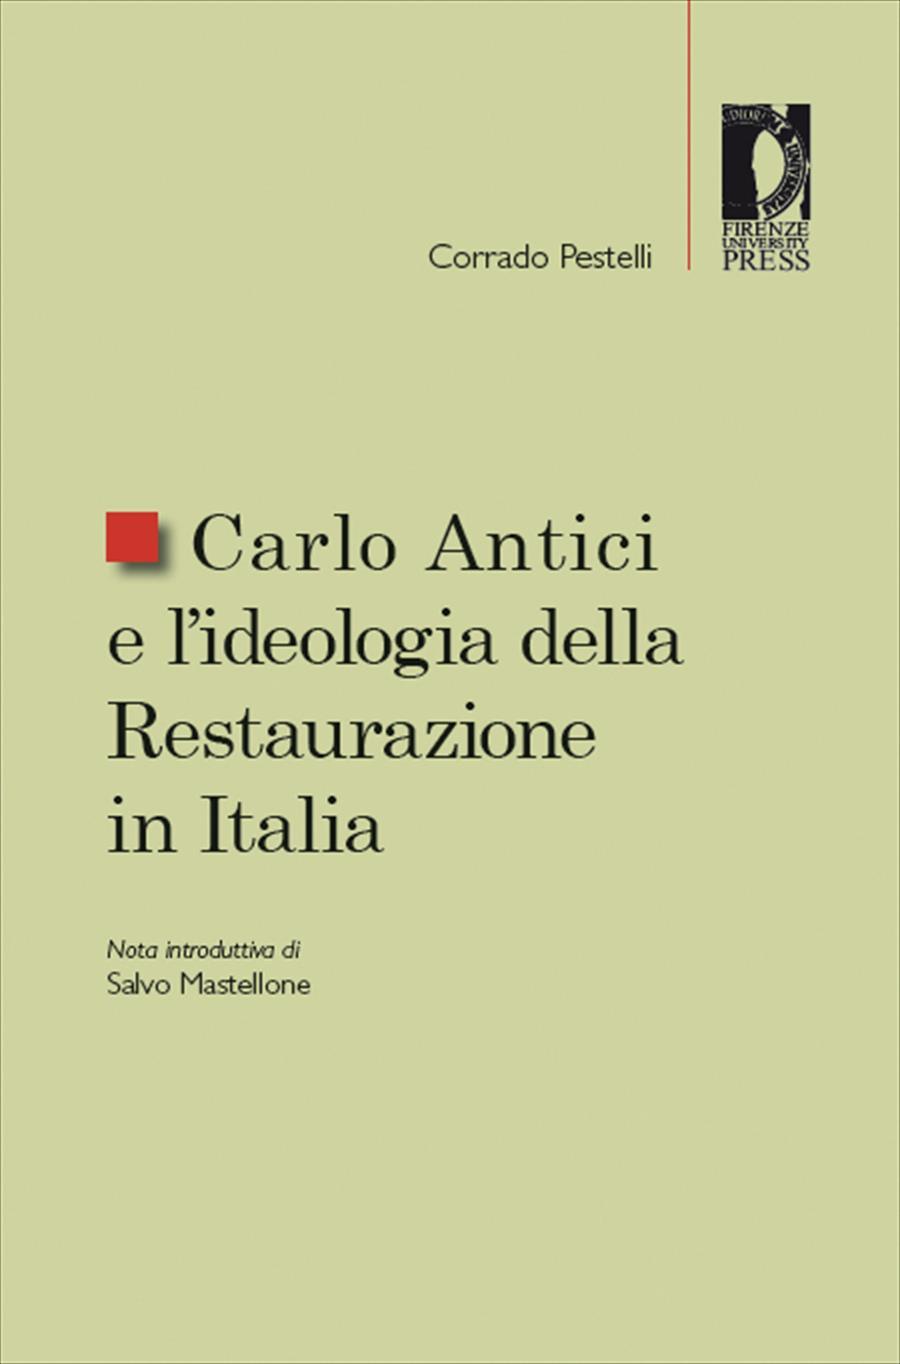 Carlo Antici e l'ideologia della Restaurazione in Italia